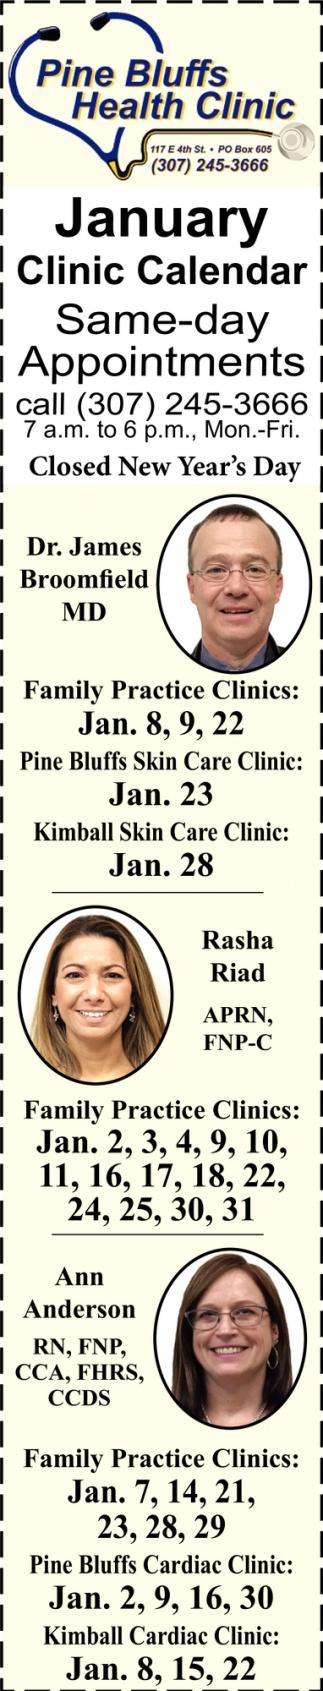 January Clinic Calendar